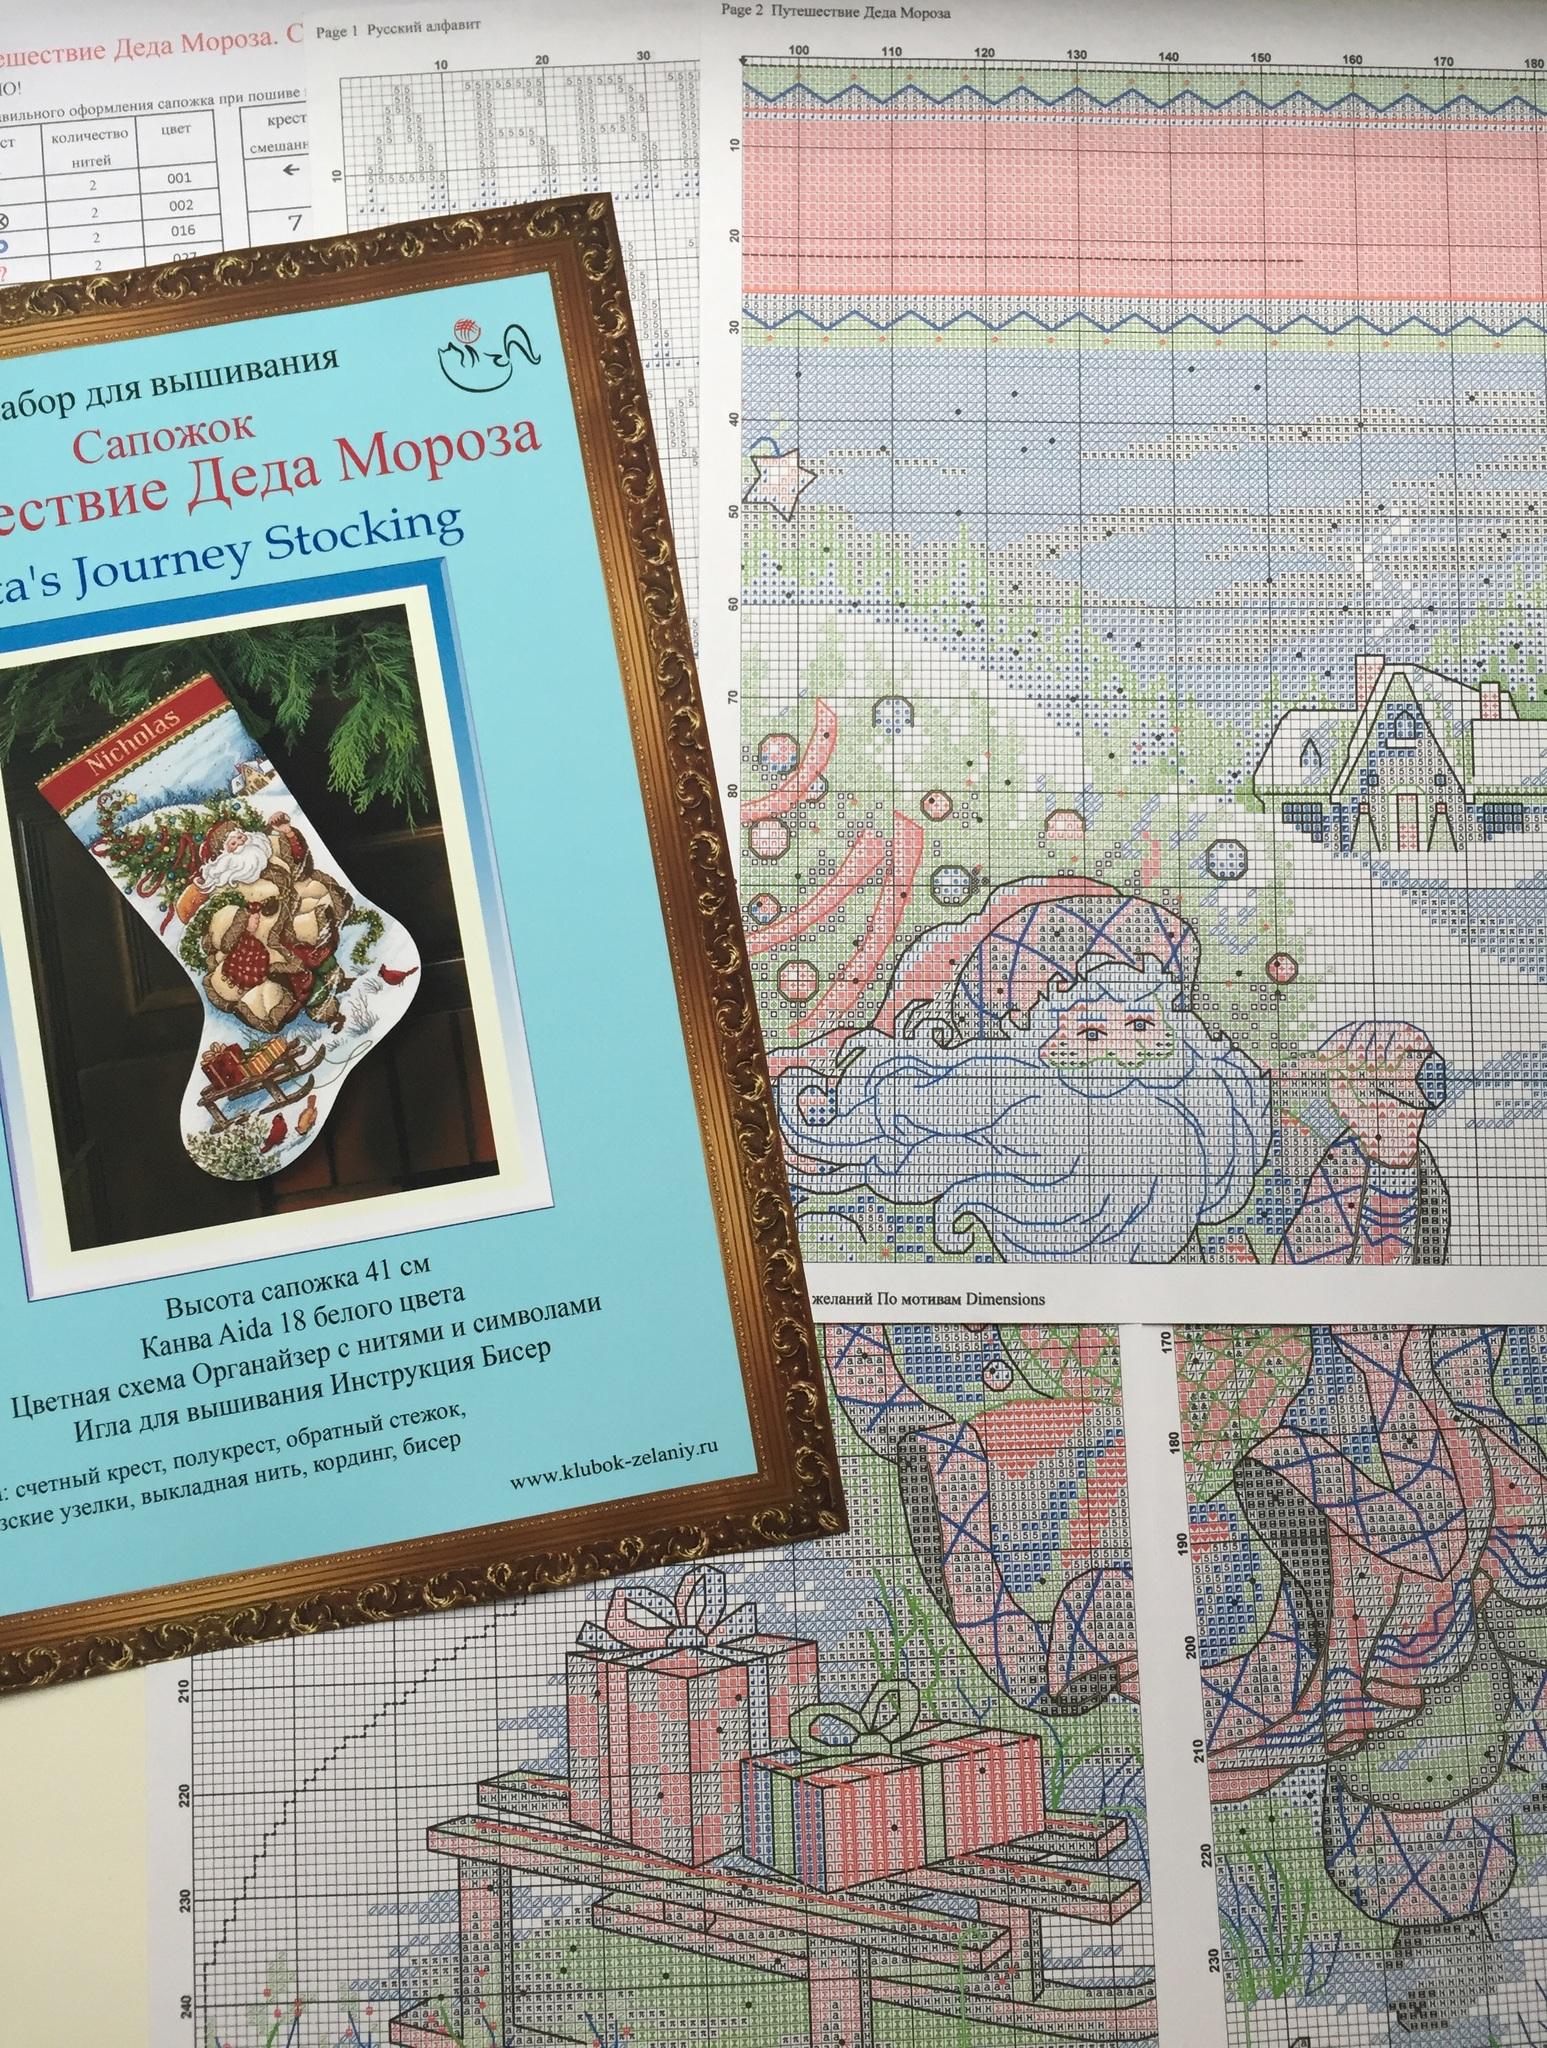 Набор для вышивания. Путешествие Деда Мороза. Santa's Journey Stocking. Арт. 8752